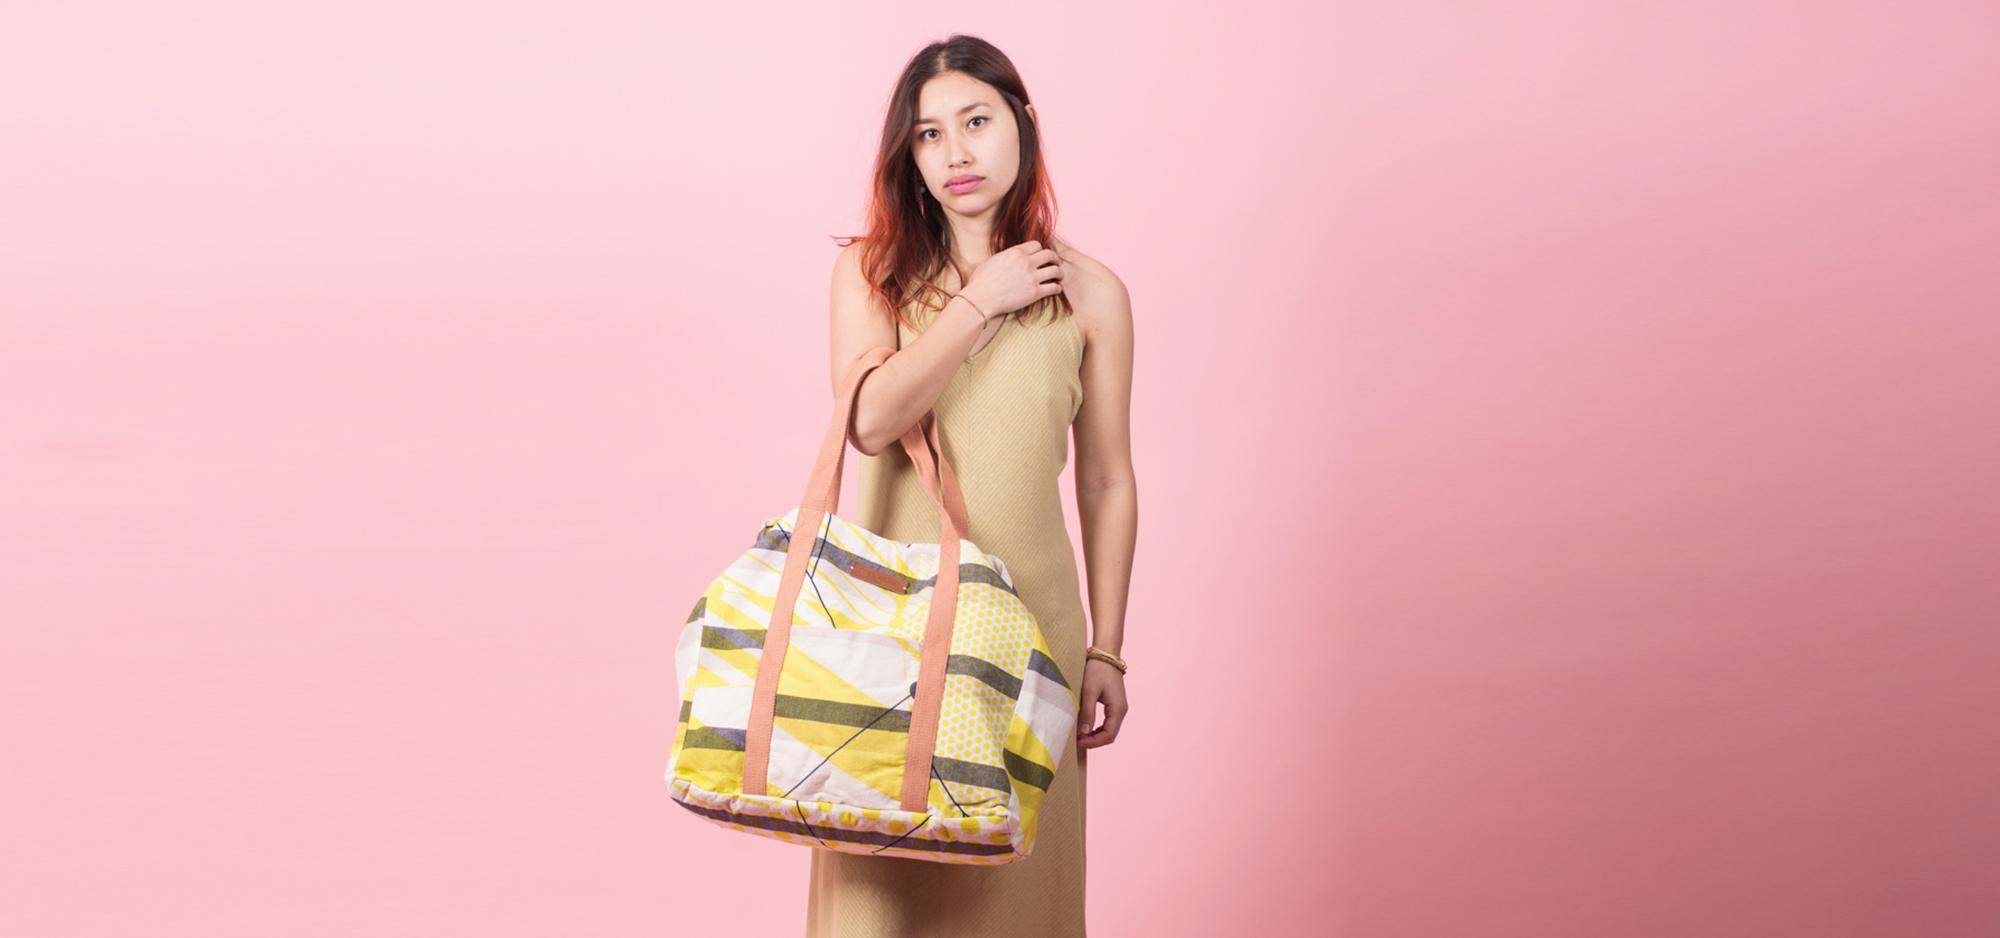 New Brand: Mapoésie